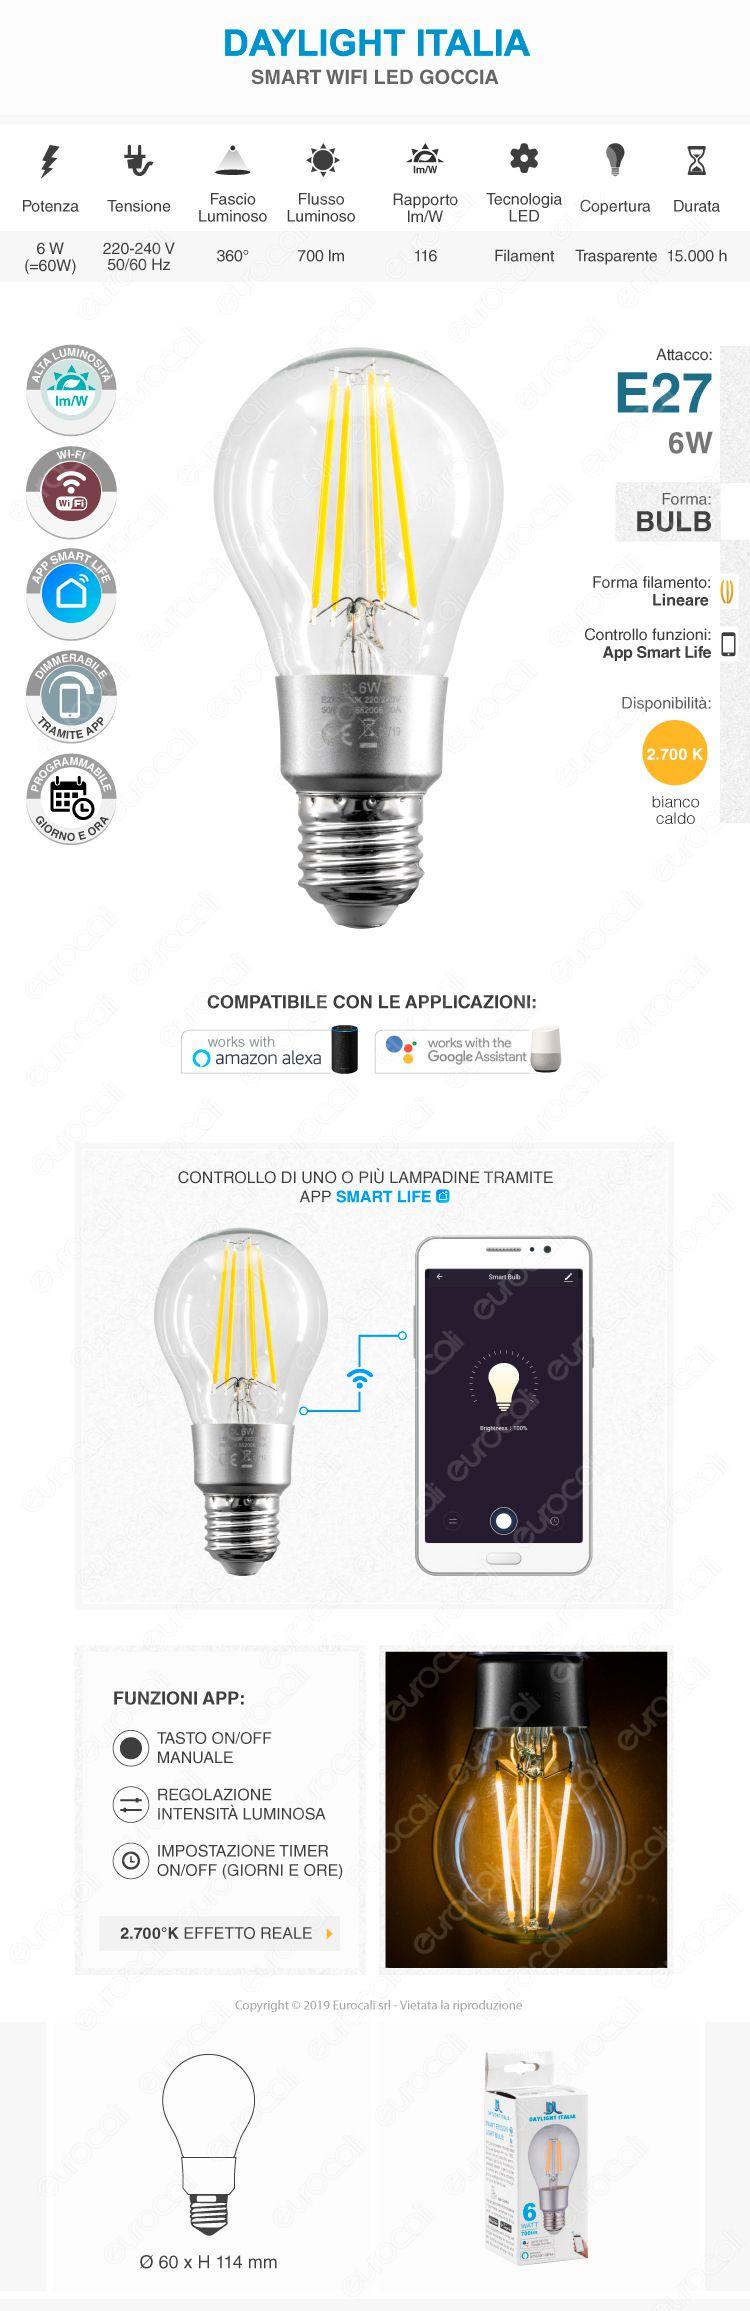 Daylight Italia Lampadina LED Wi-Fi E27 6W Bulb A60 Dimmerabile